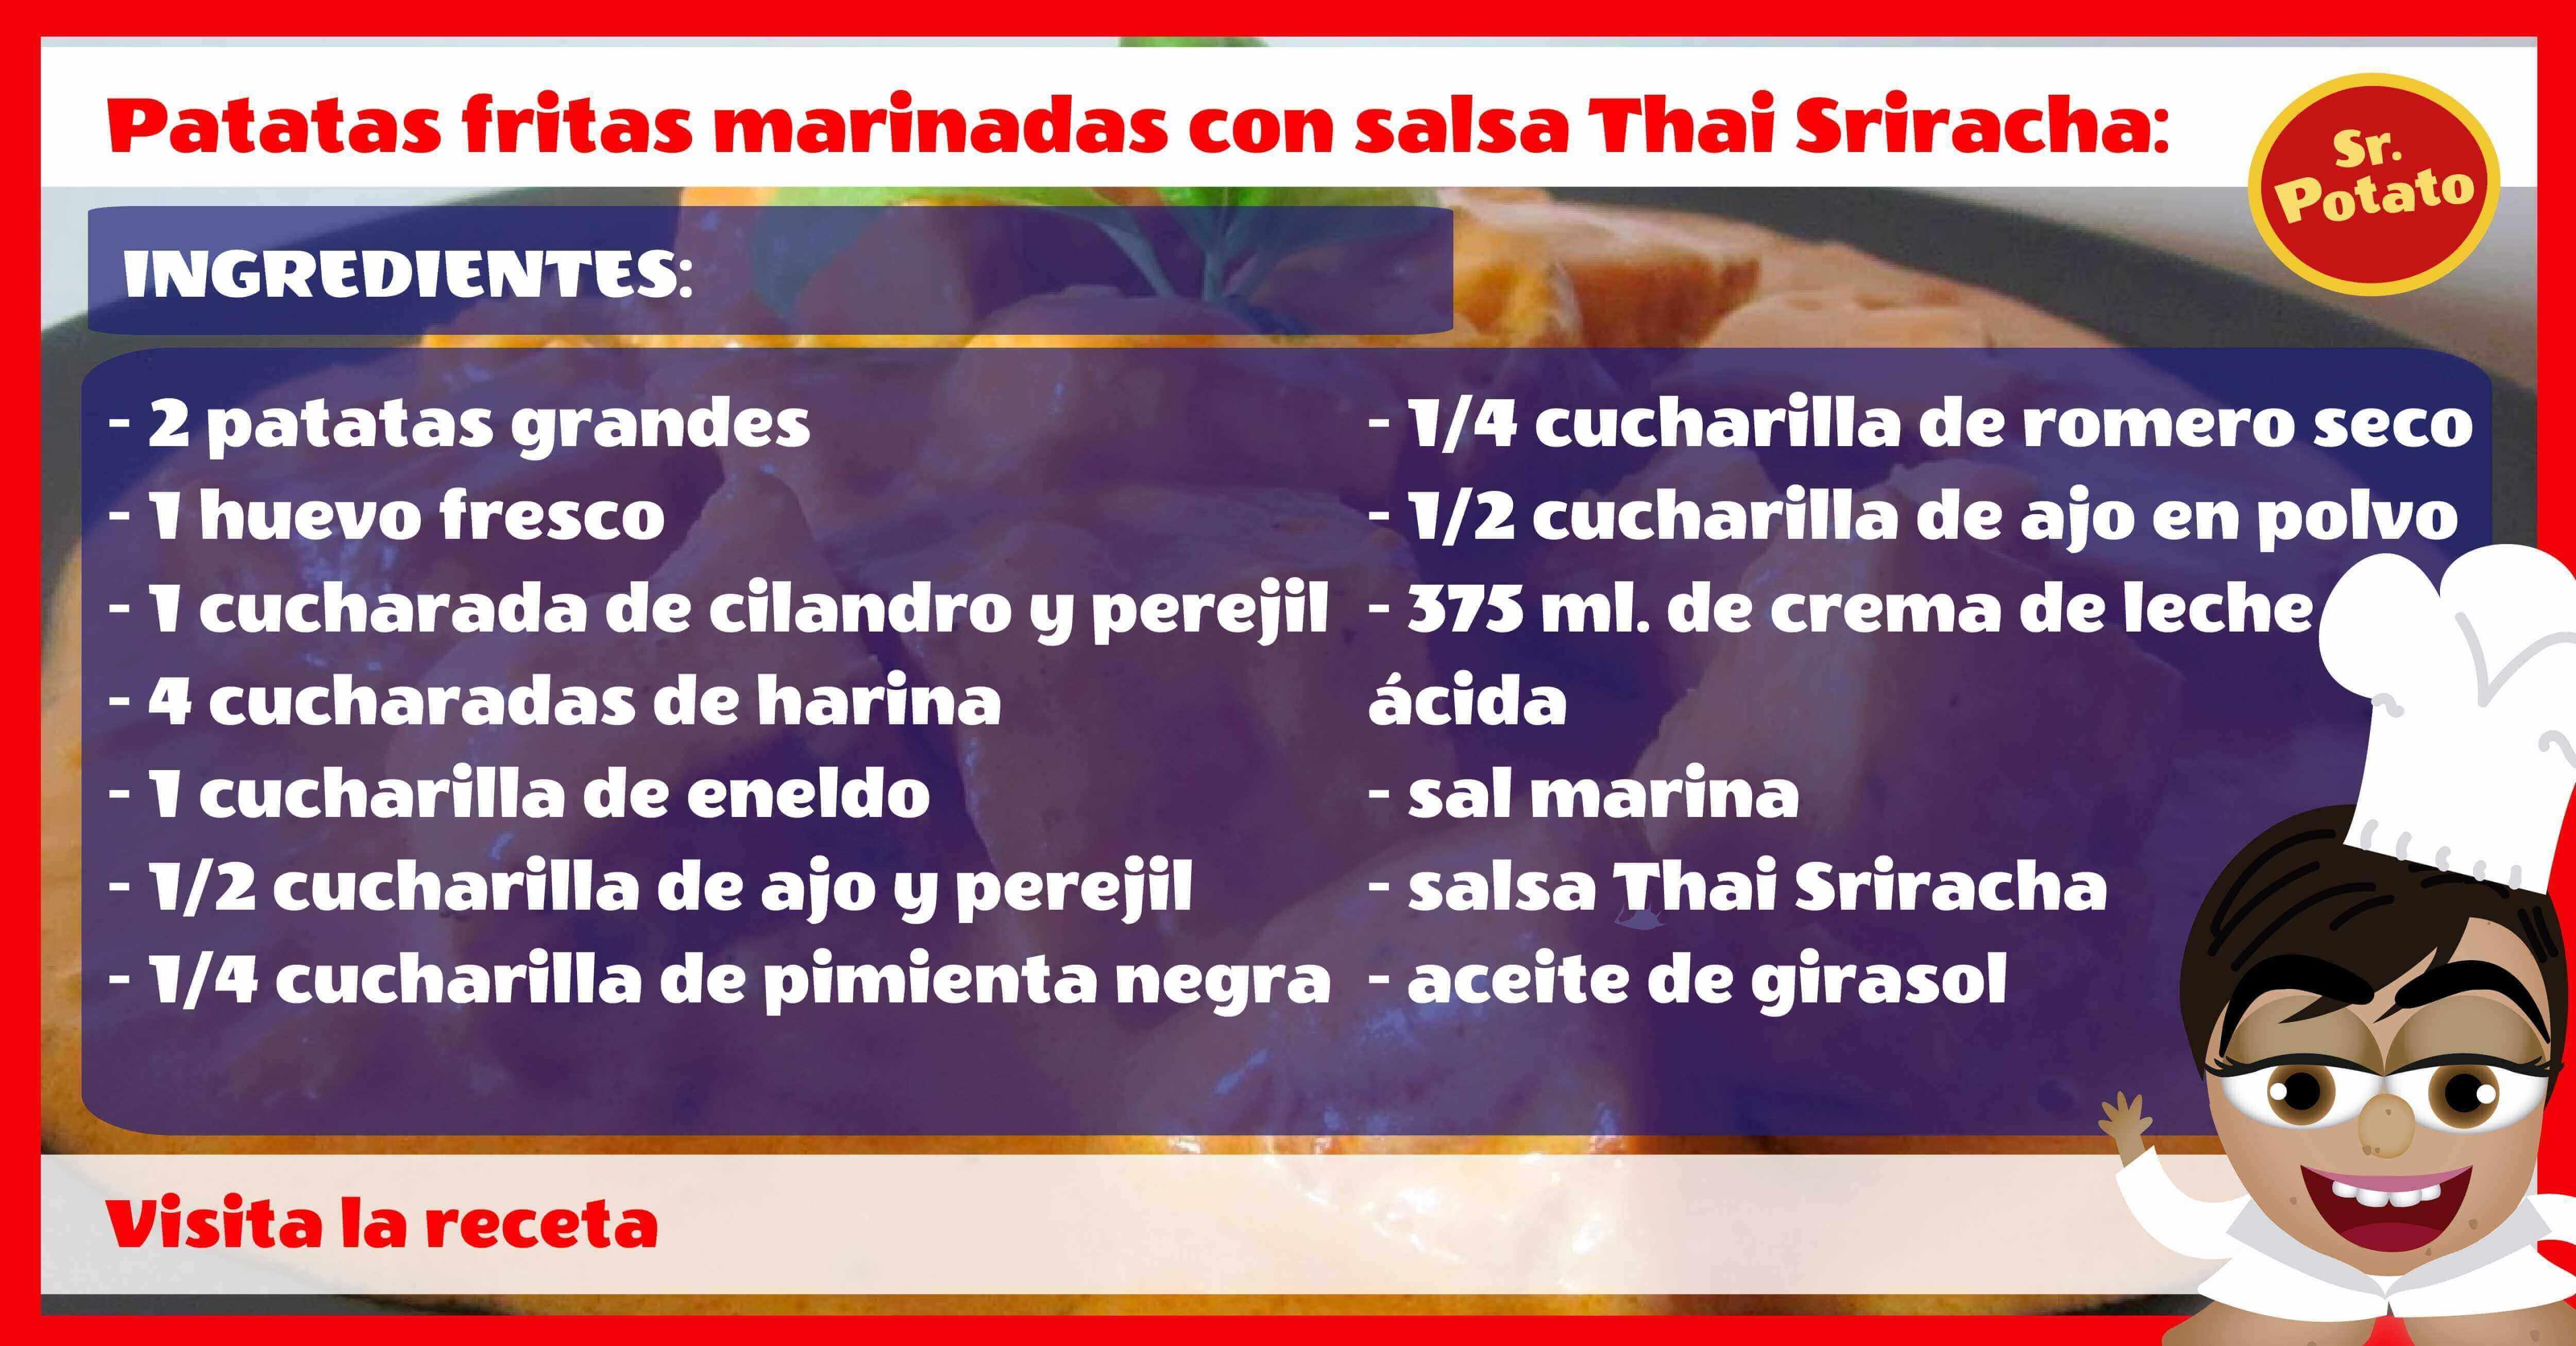 Patatas Con Salsa Thai Siracha